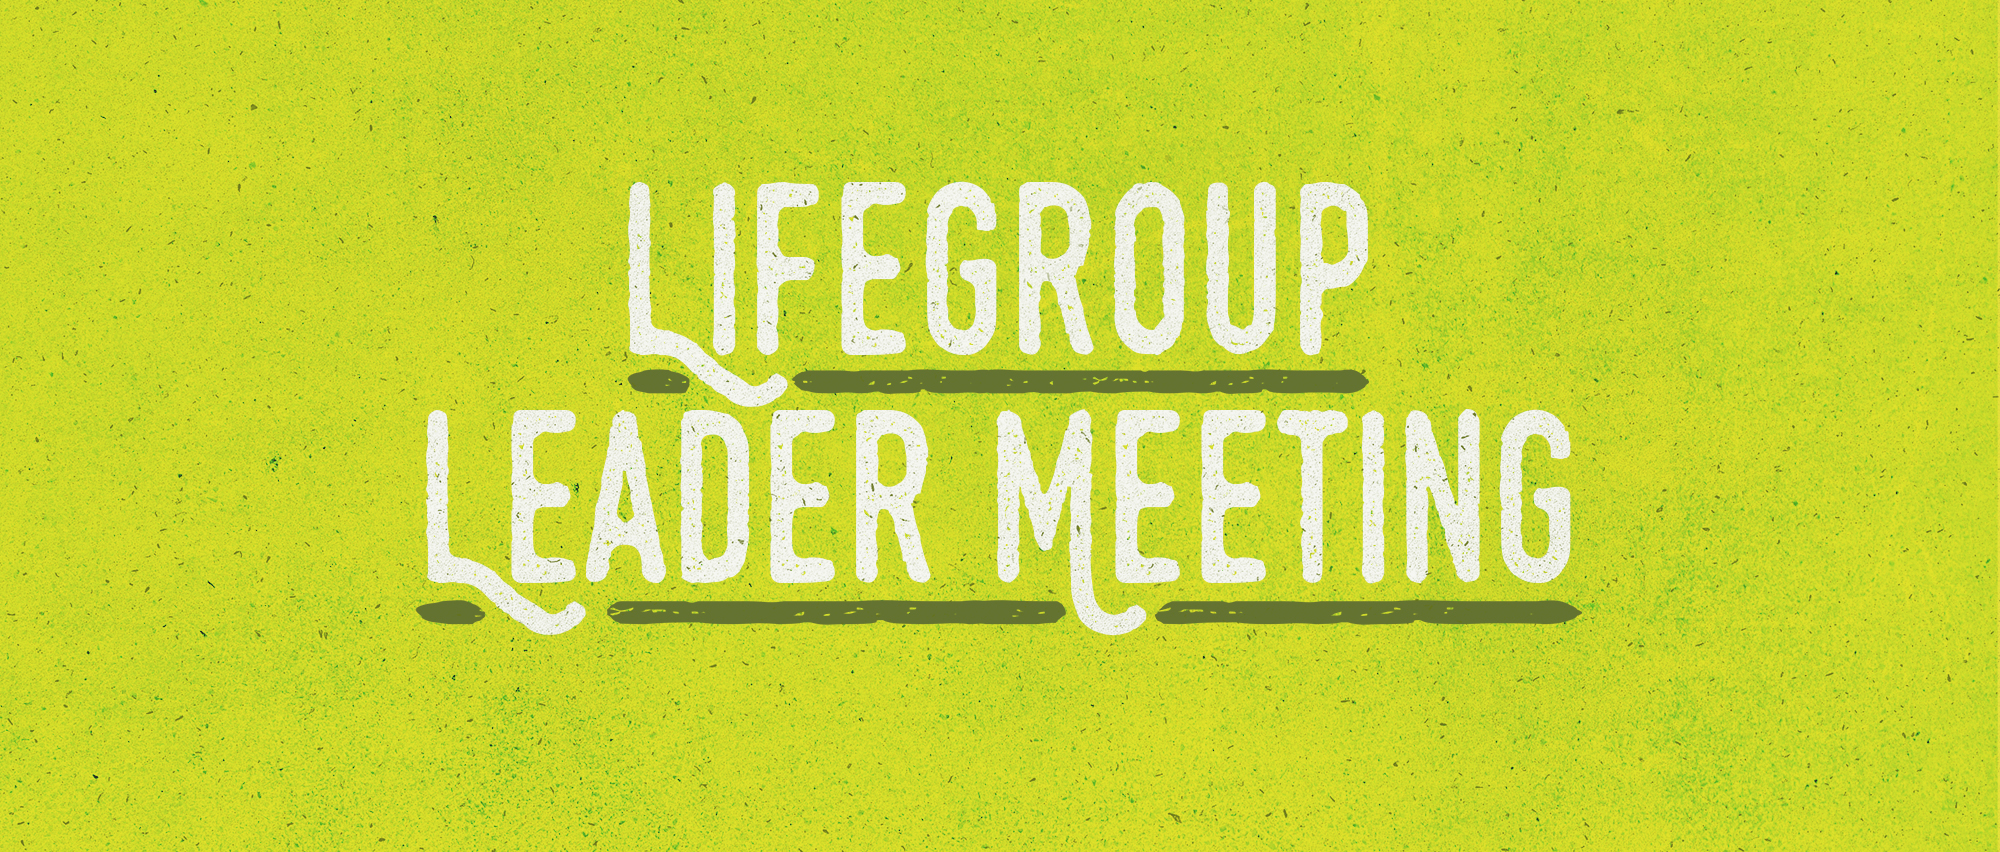 LeaderMeetingsWeb.jpg